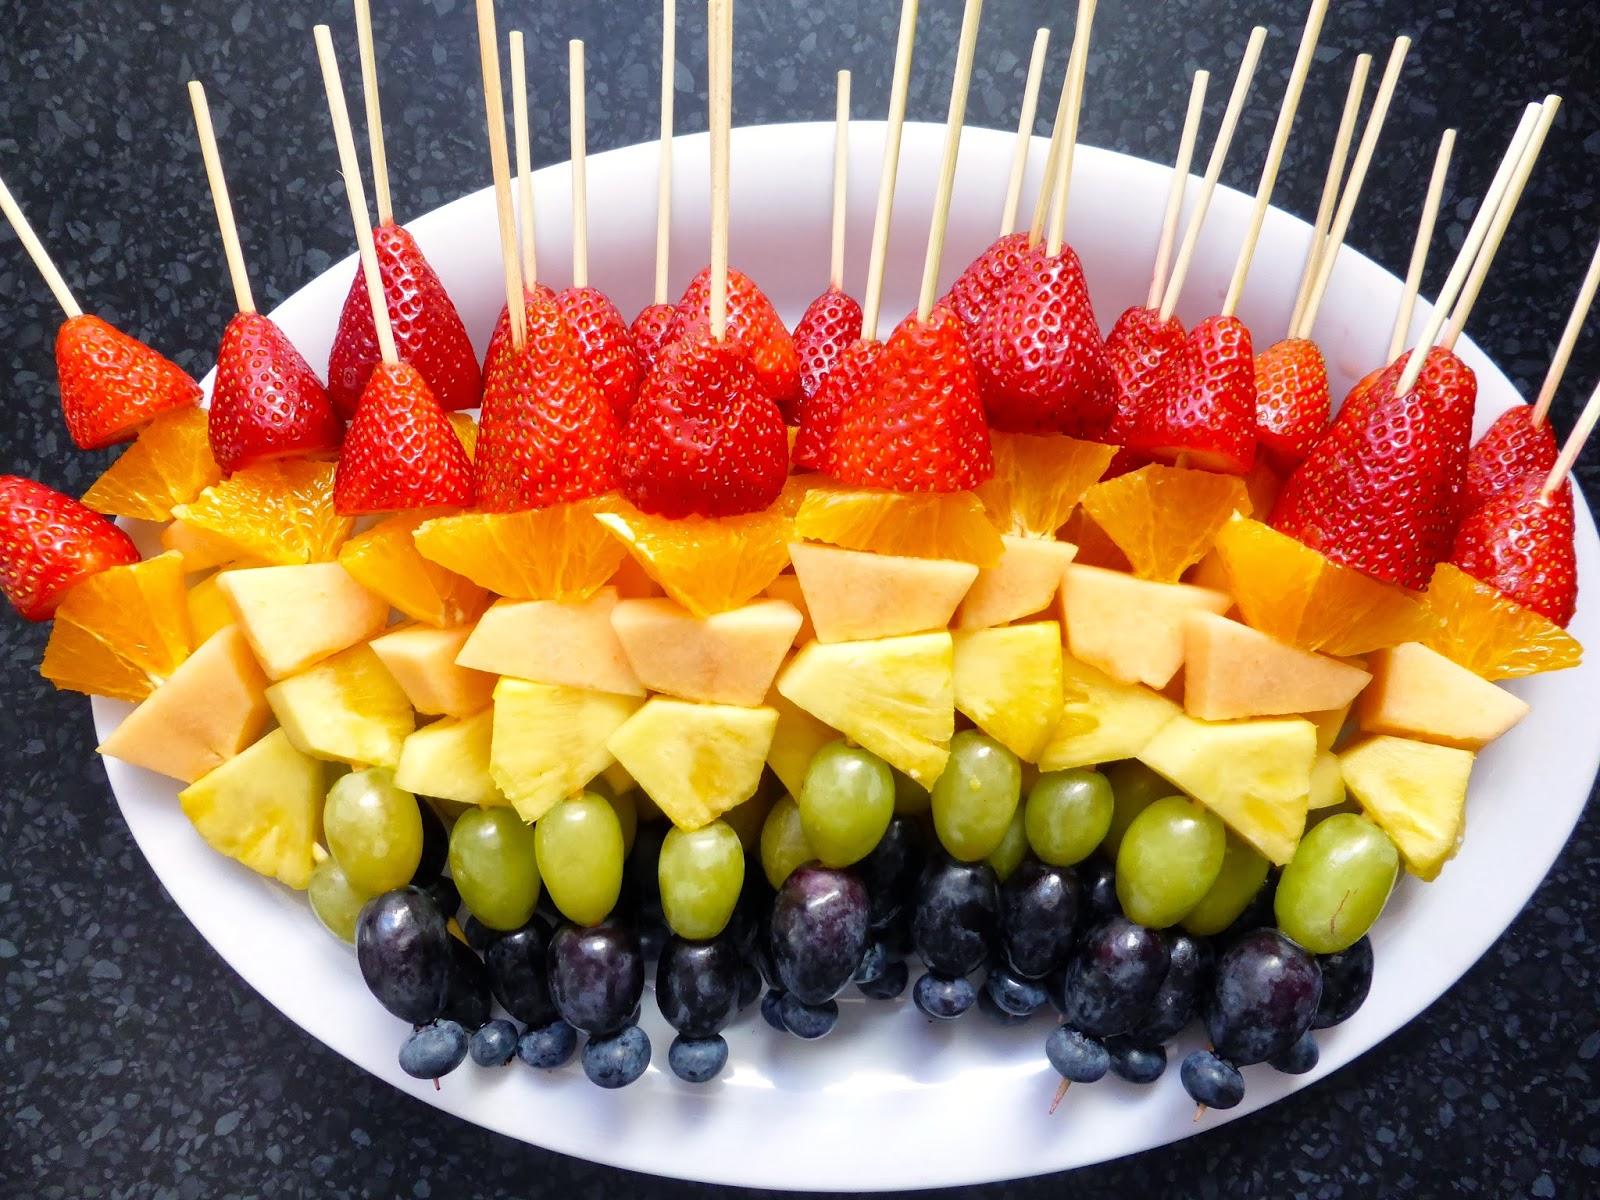 картинки для нарезки фруктов с рецептами станет